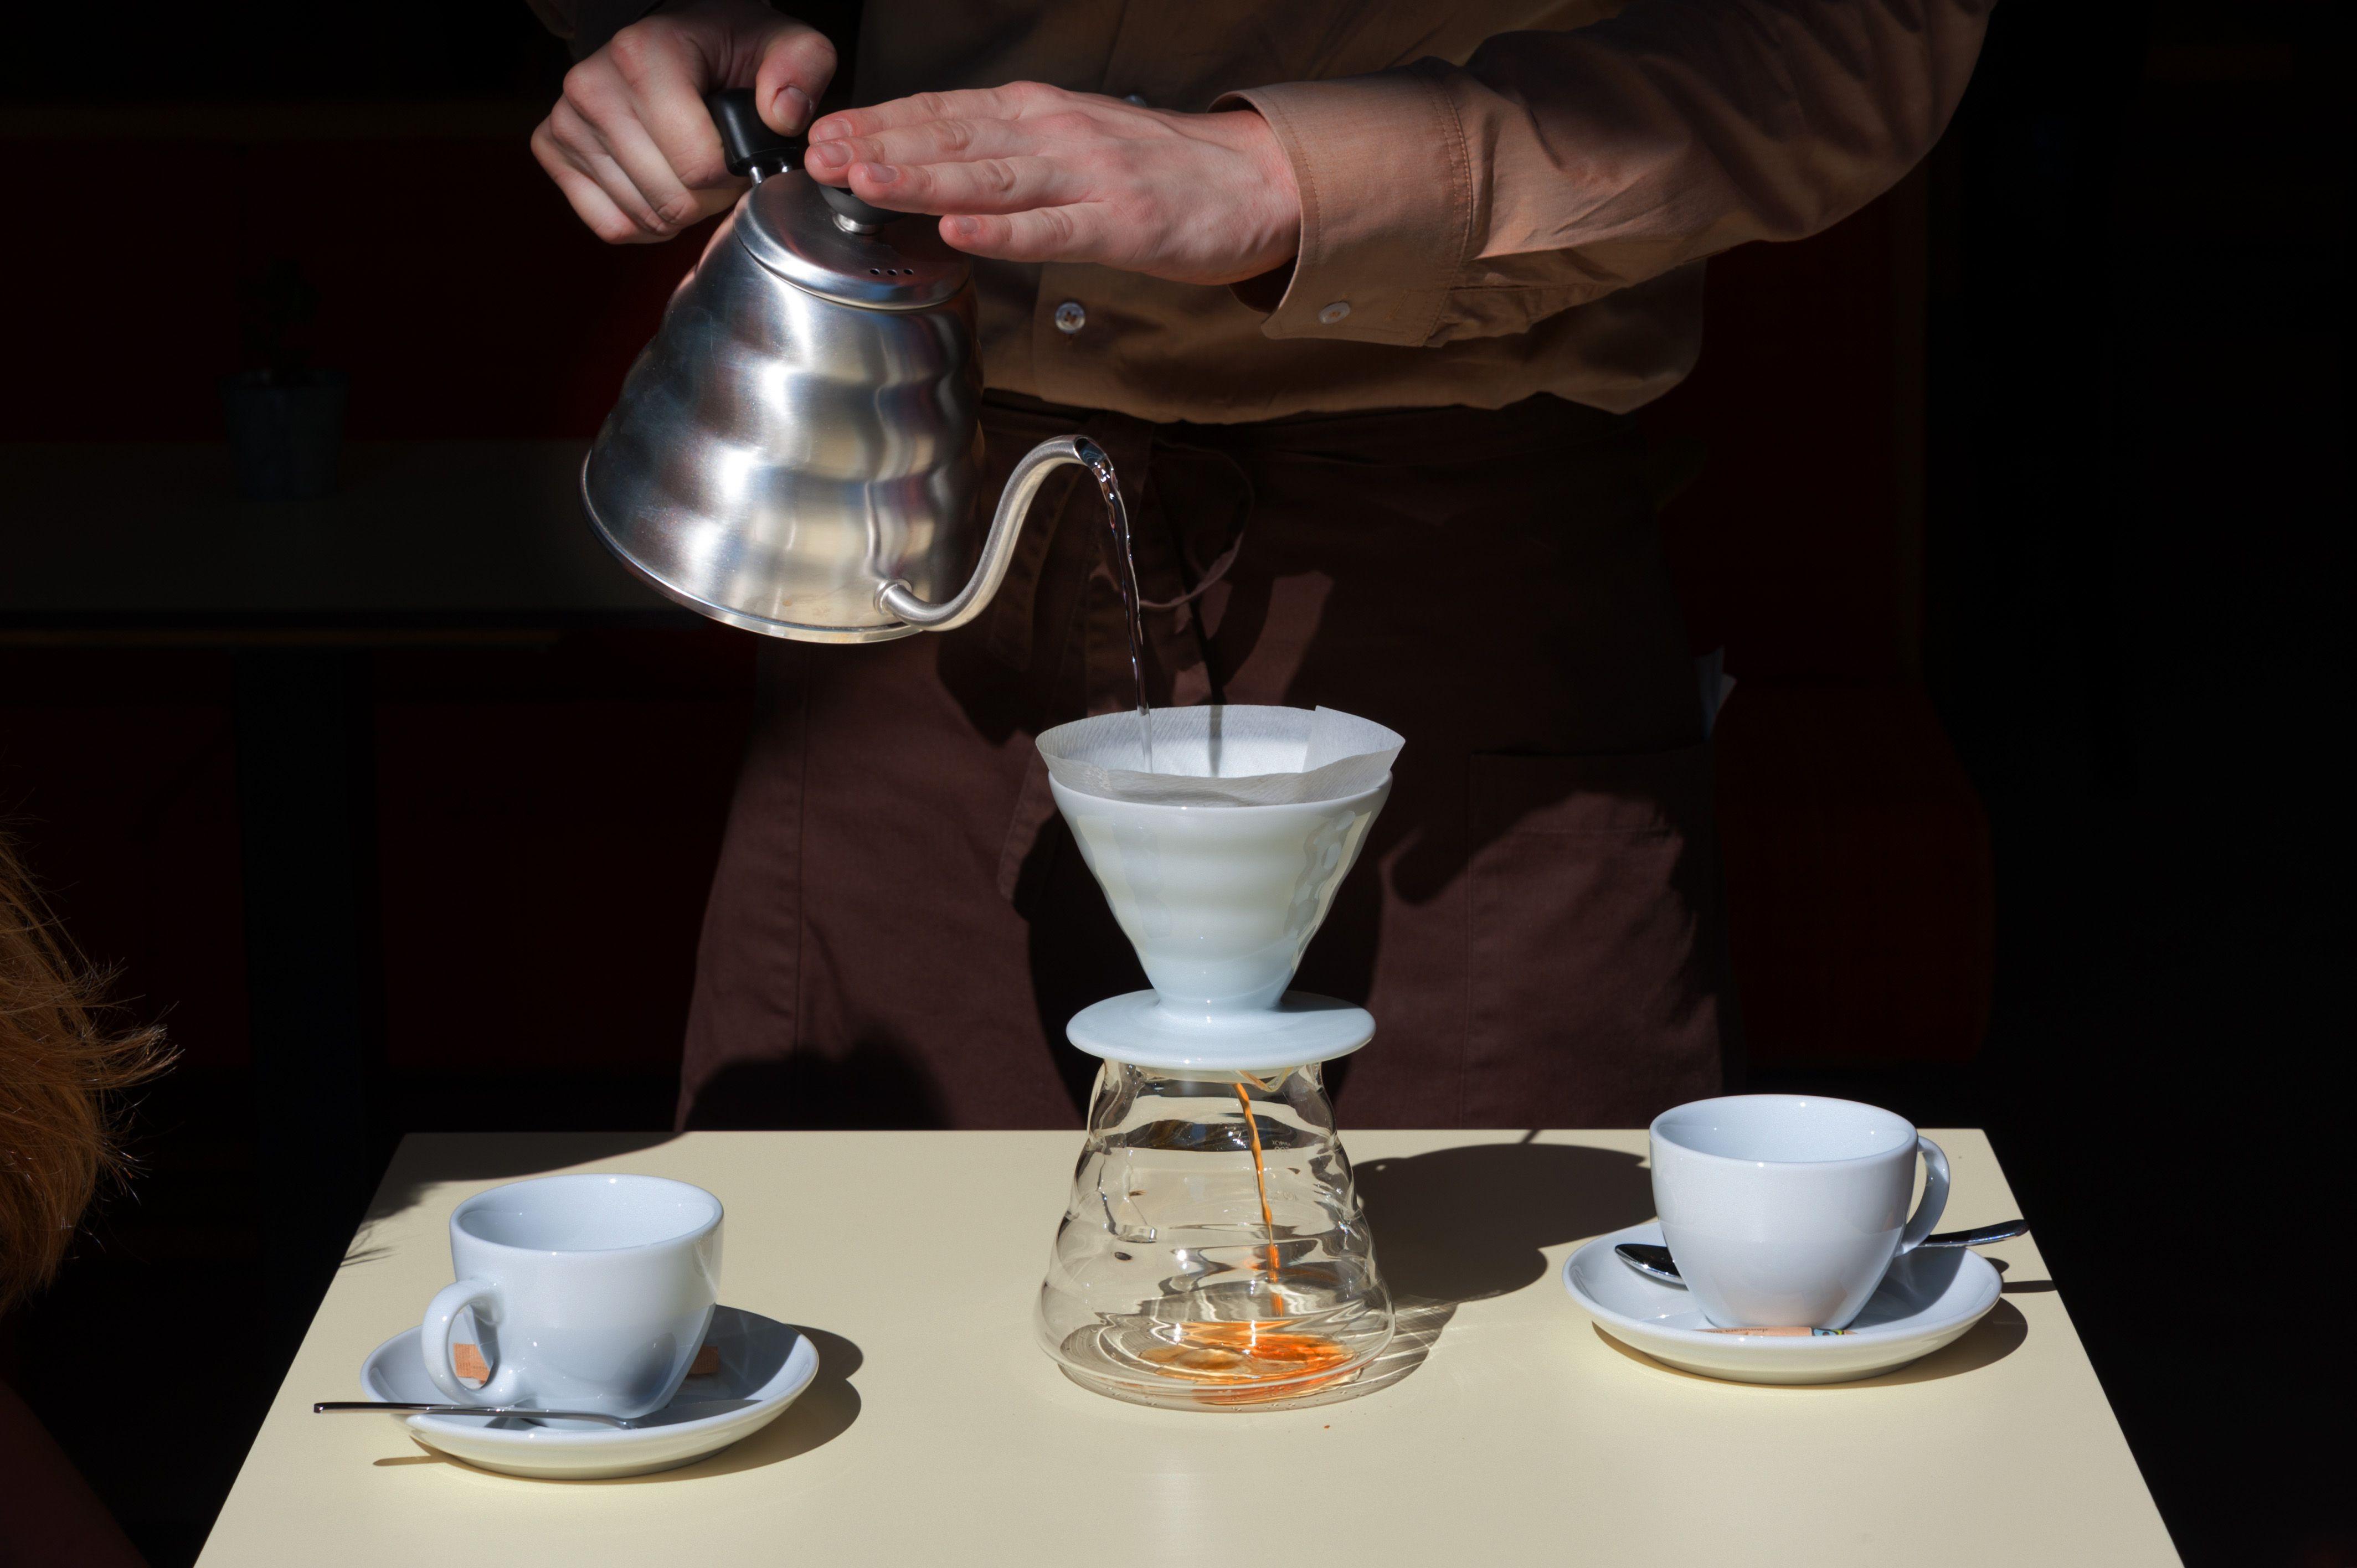 In unserem Lokal #Pergola gleich beim #Hauptbahnhof #Vienna gibt es ganz speziellen #Filterkaffee der #Kaffeefabrik. 3/3